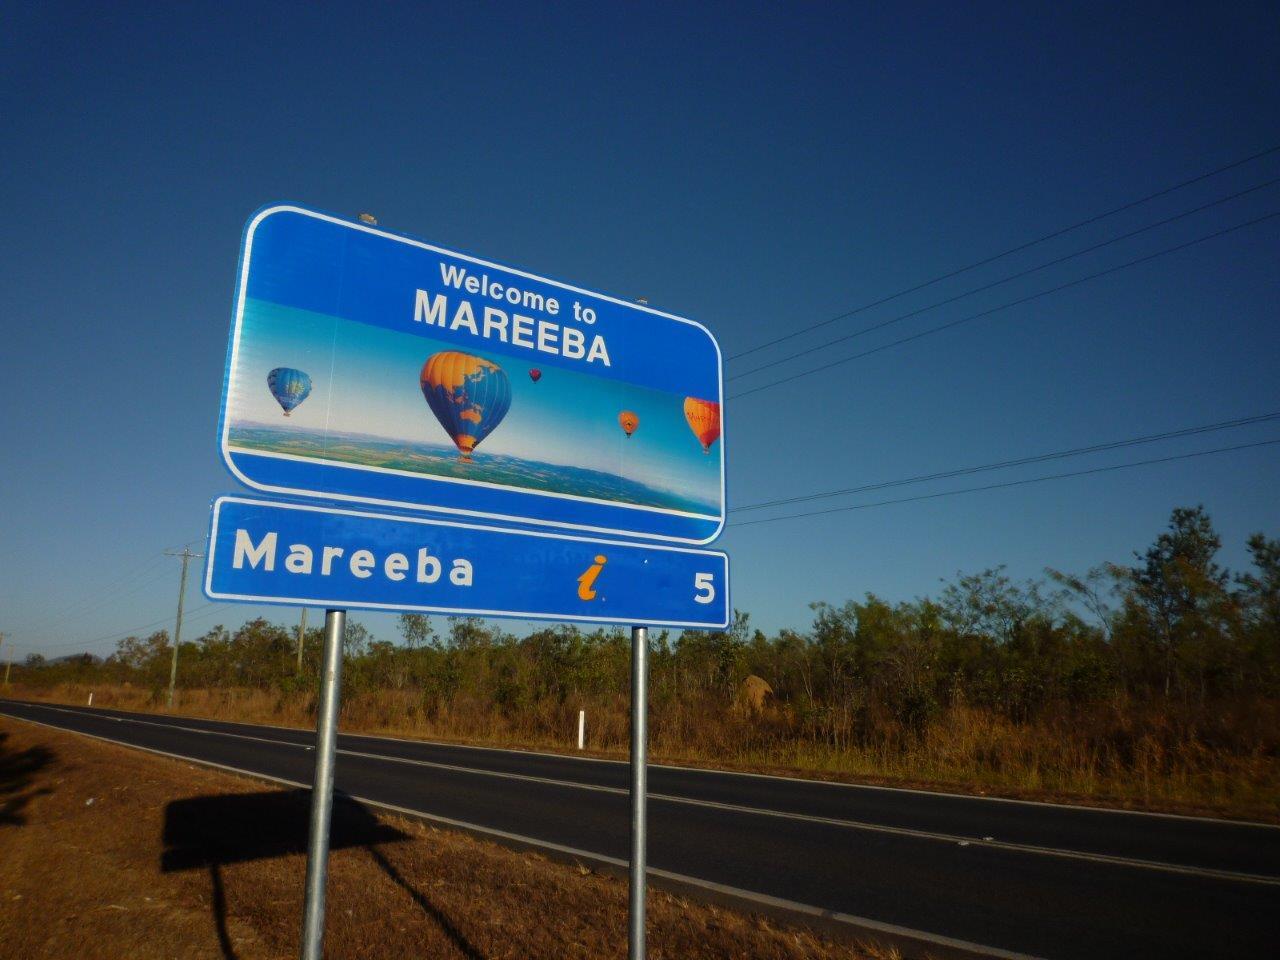 <p>気球の聖地「マリーバ」</p> <p>道路標識にも気球の写真が!</p>